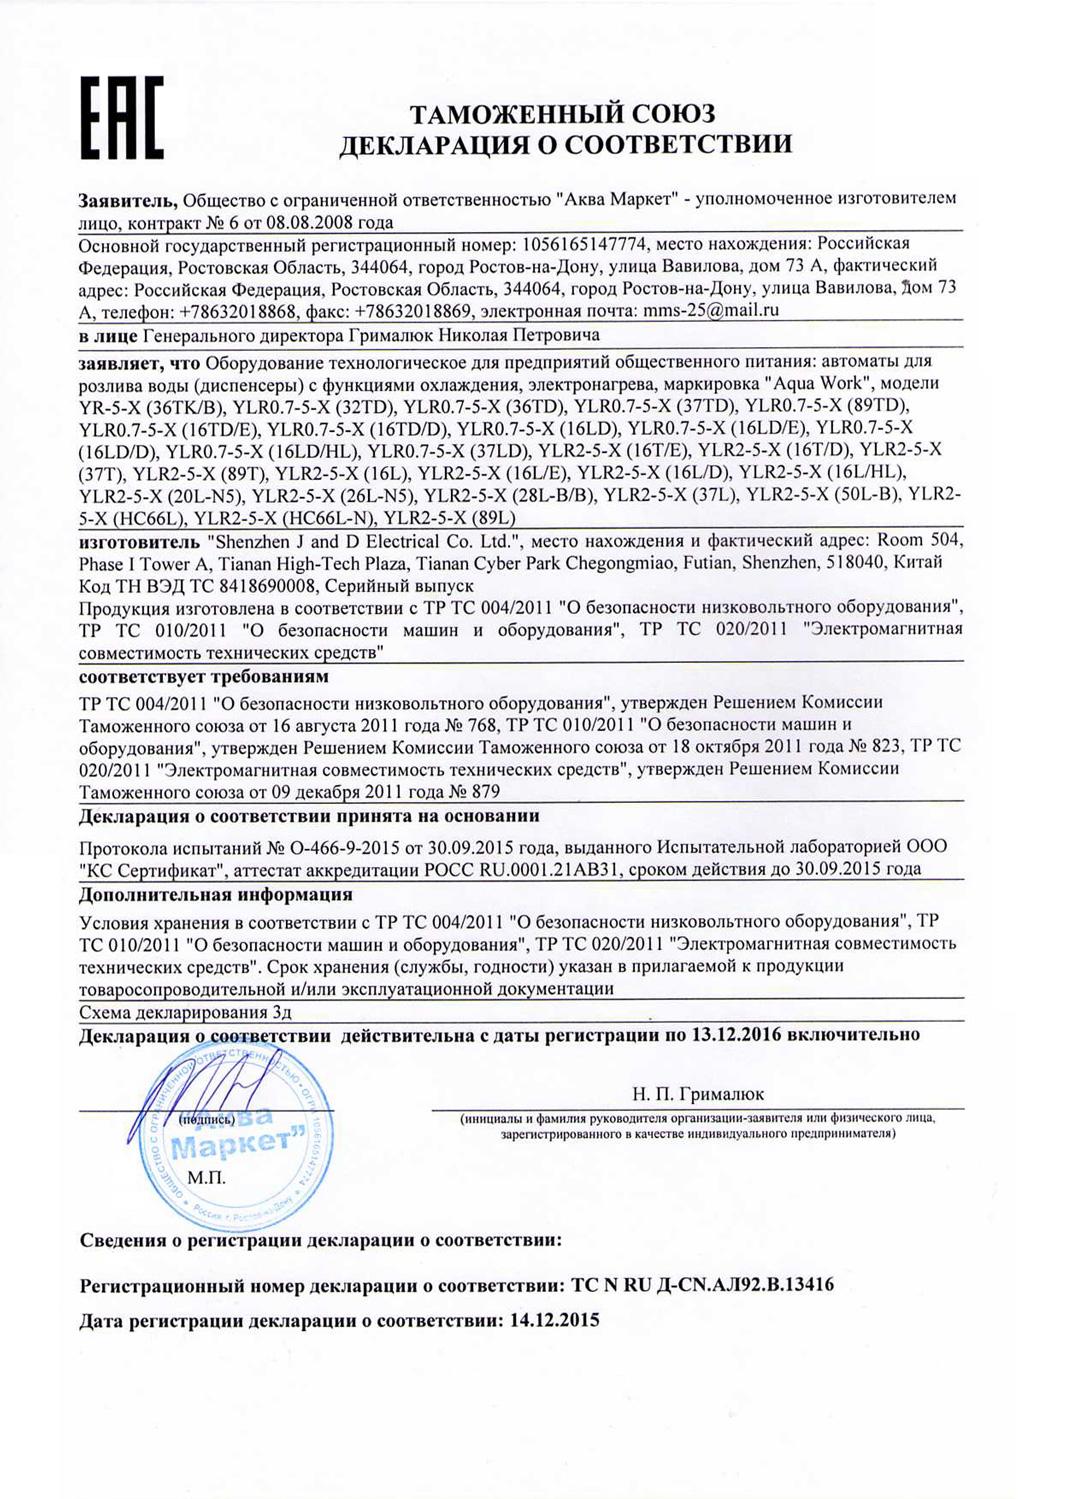 кулер Aqua Work HC-66-L-N сертификат